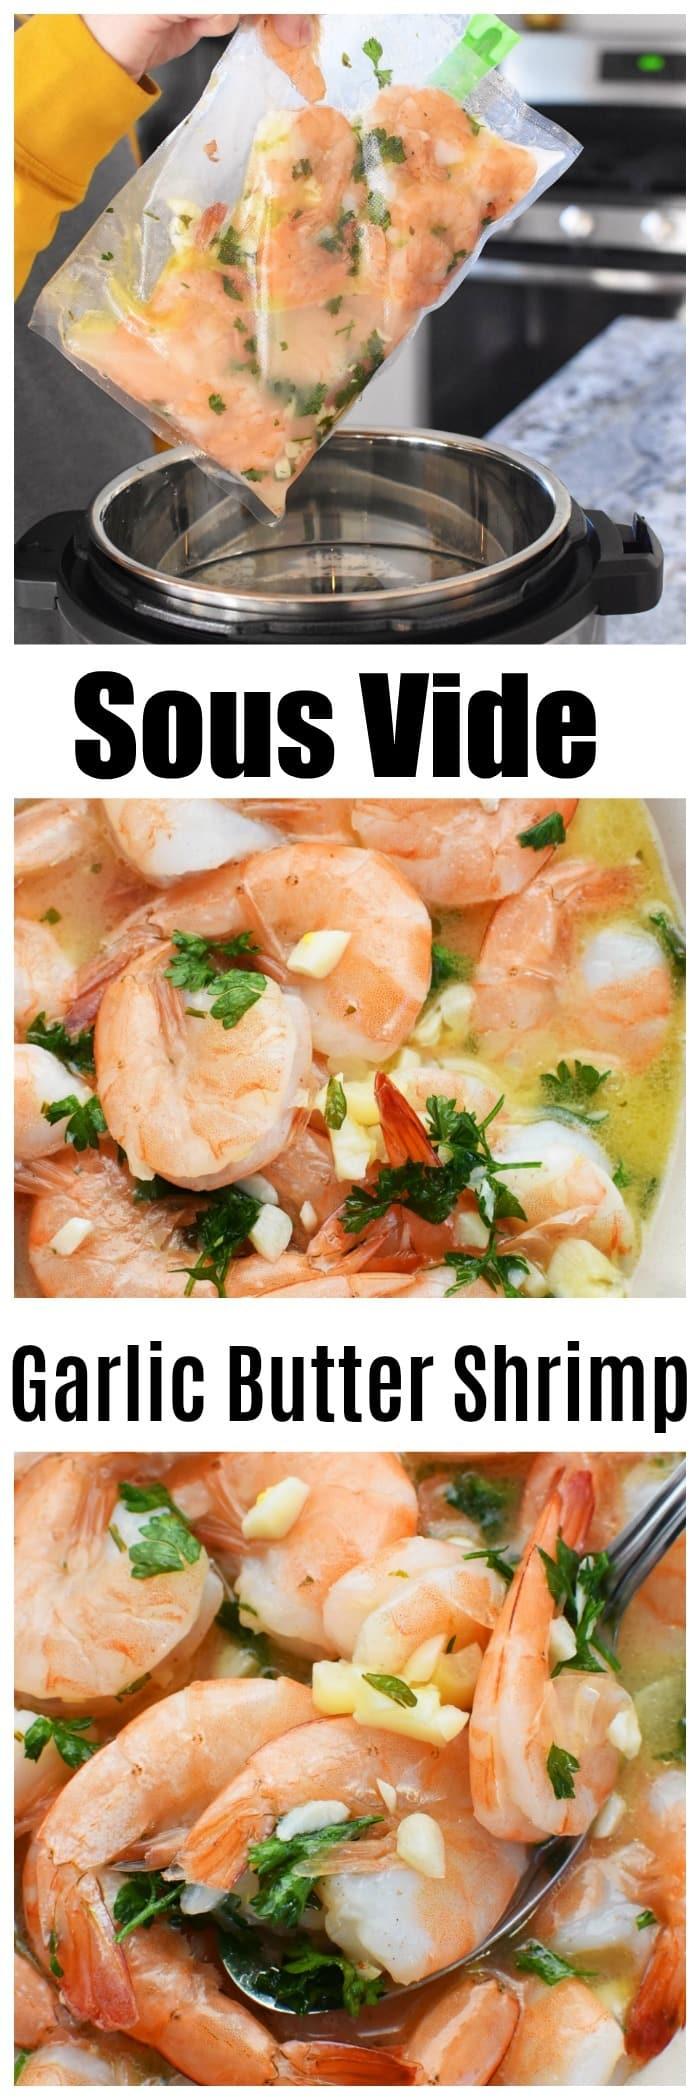 Easy Sous Vide Garlic Butter Shrimp Recipe